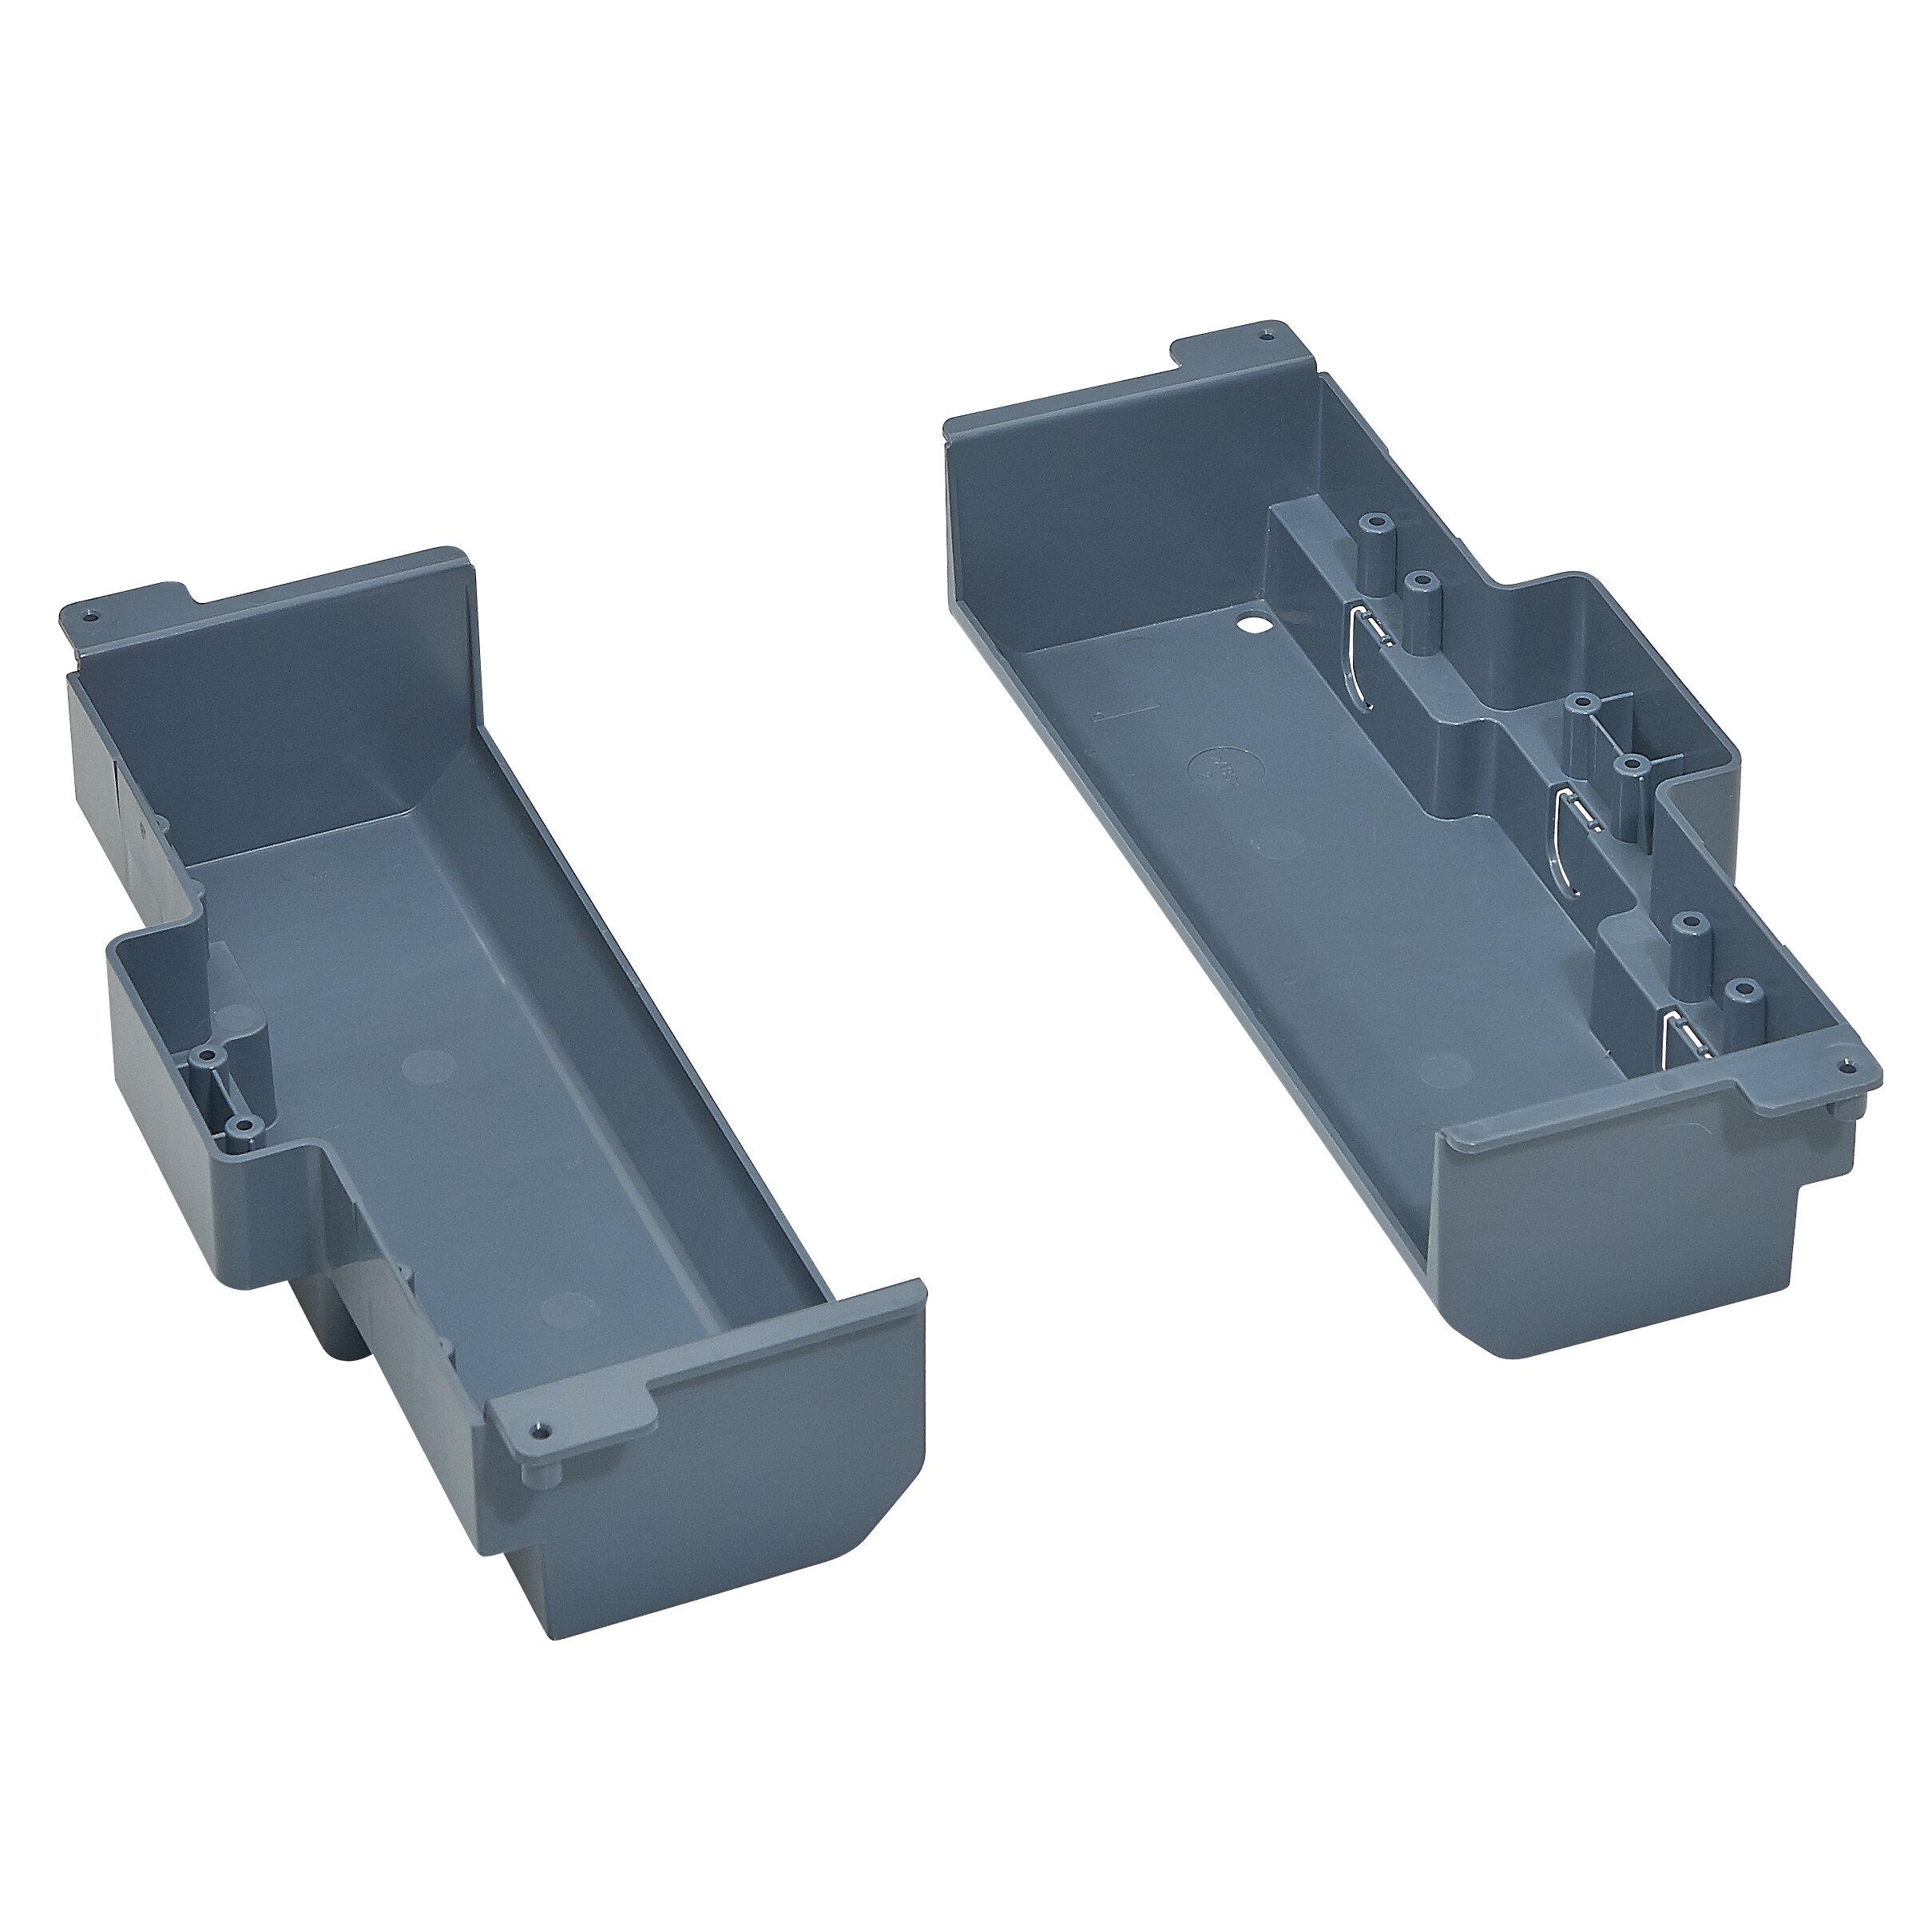 Изоляционная коробка для монтажа напольной коробки в фальшпол стандартное исполнение 2X6 модулей. Цвет Серый. Legrand (Легранд). 088027